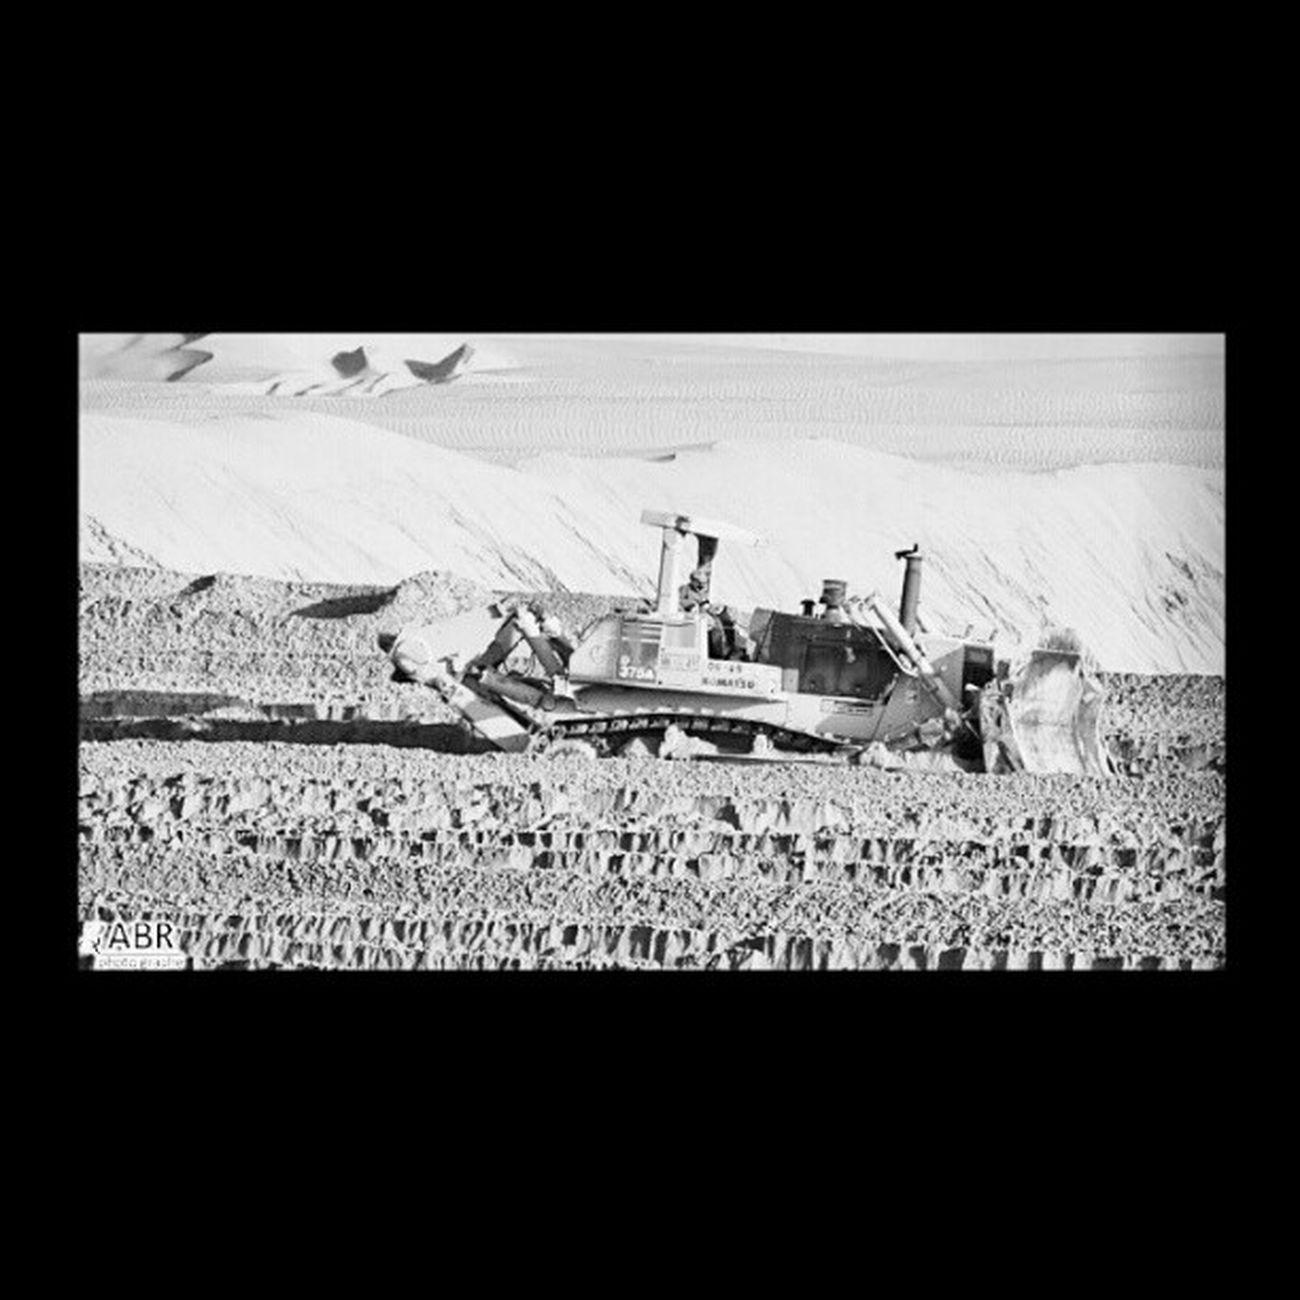 صورة تمهيد سكة القطار شمال الربيعية شركة الاومير بلدوزر كاتبيلر القصيم المملكة العربية السعودية تصوير كانون 50d ksa Boot image northern railway company spring Alomir Bulldozer catebalr Qassim Saudi Arabia imaging Canon 50d ksa